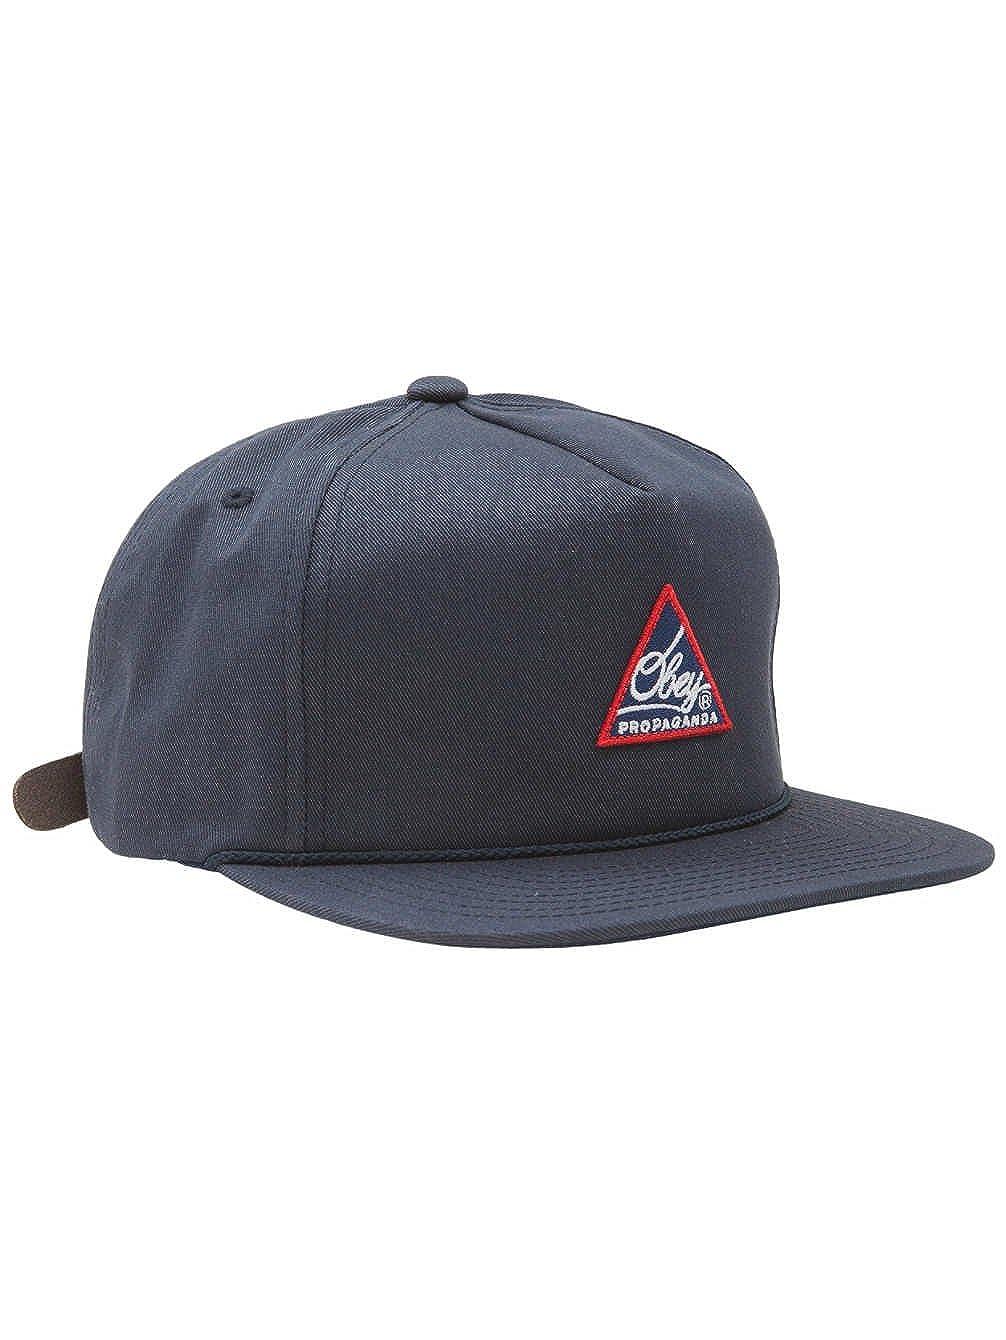 Obey - Gorra de béisbol - para Hombre Azul Marino Talla única ...